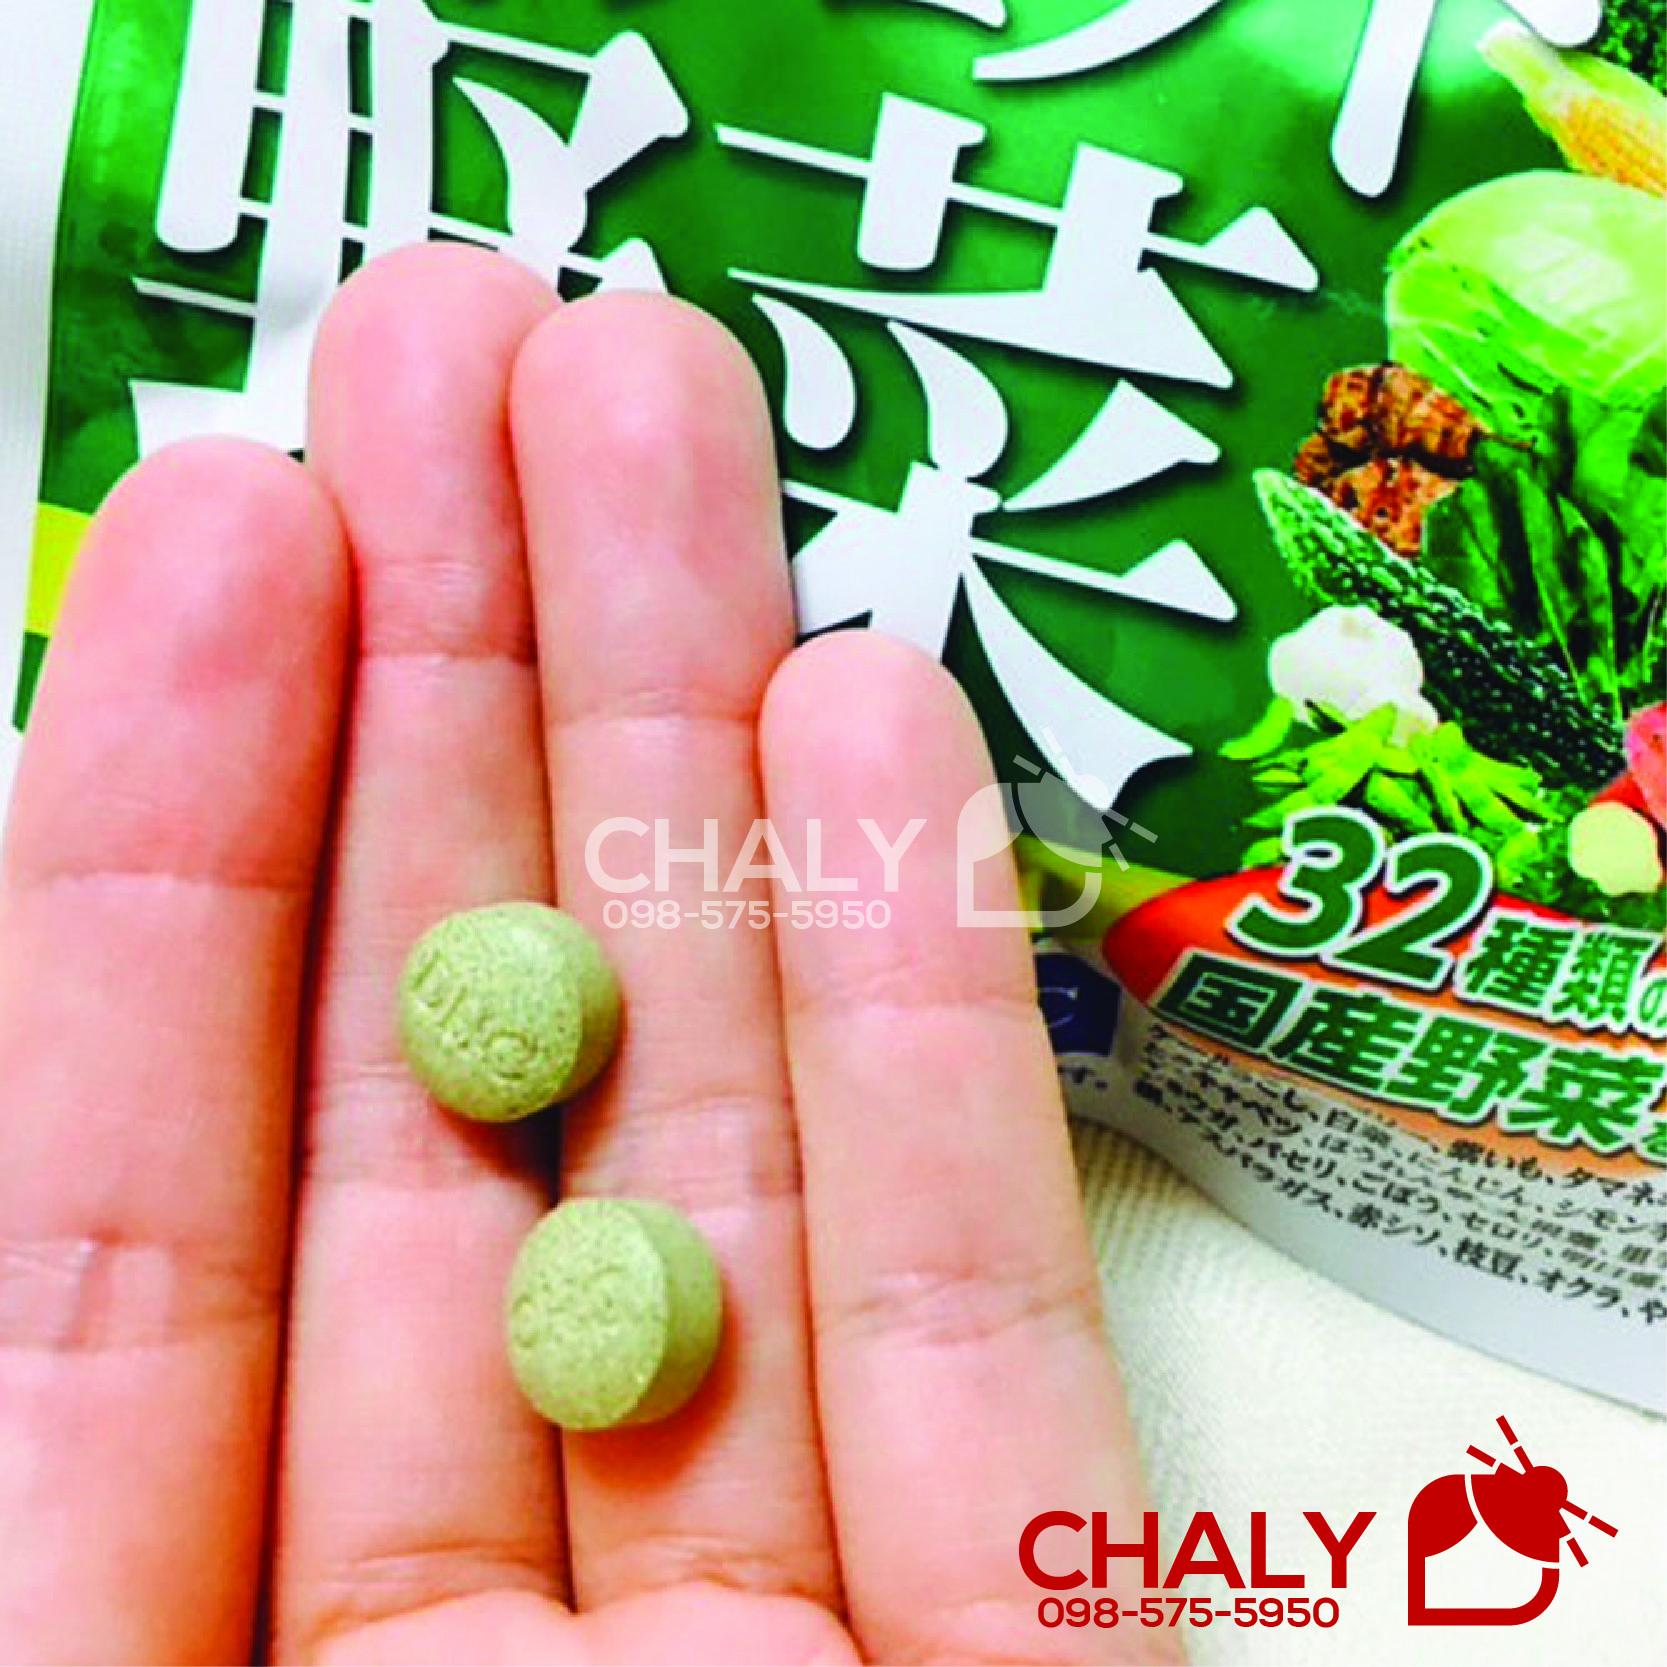 Viên bổ sung rau DHC cũng là một thực phẩm chức năng được ưa thích để đẹp da, giảm mụn, trị táo bón